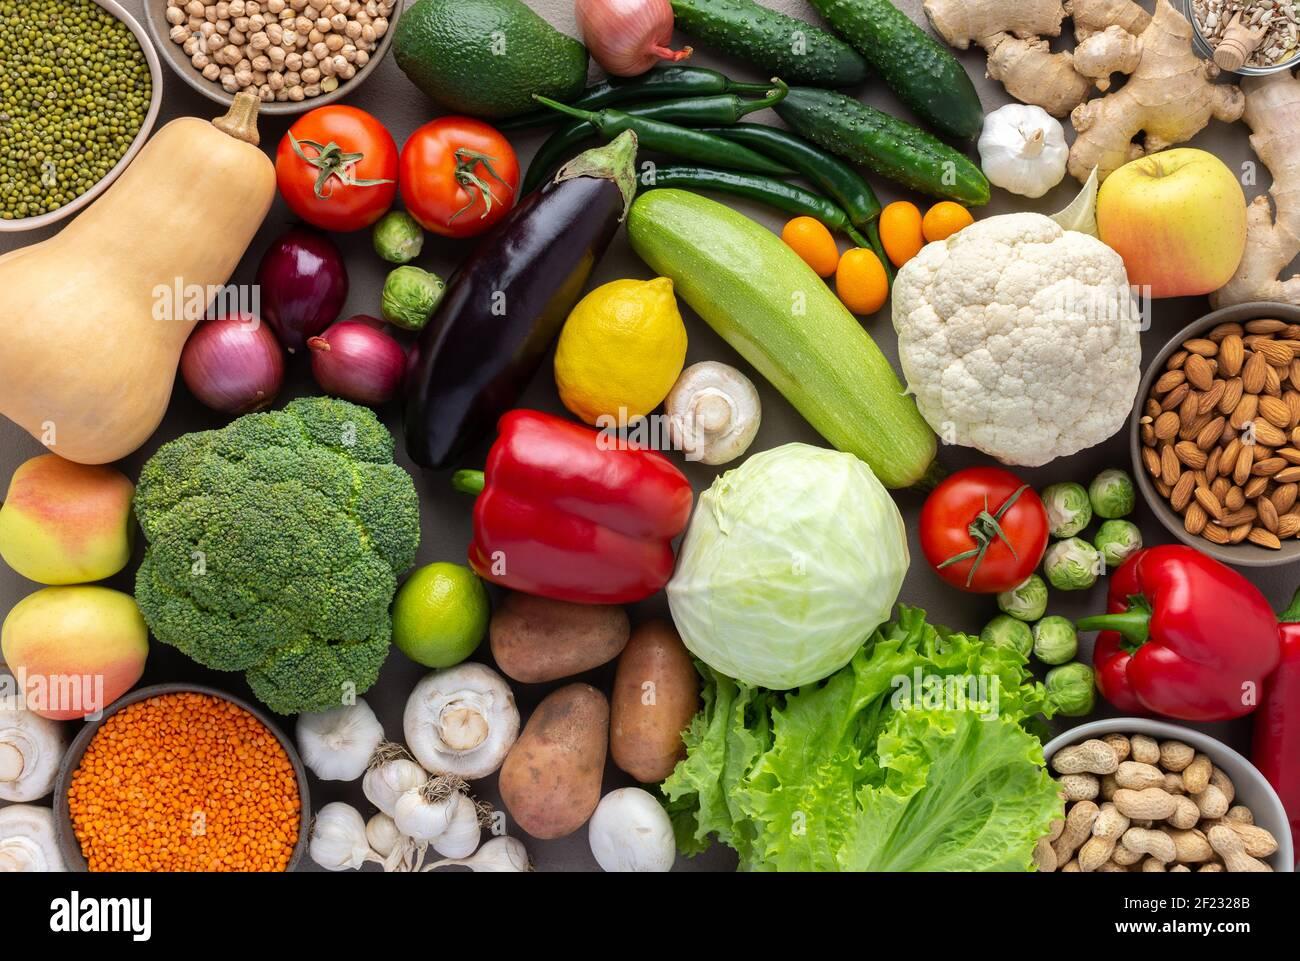 Verduras orgánicas frescas de granja, concepto de alimentos saludables, verduras y frijoles, superalimentos y ensalada verde, nueces y semillas, vista superior Foto de stock